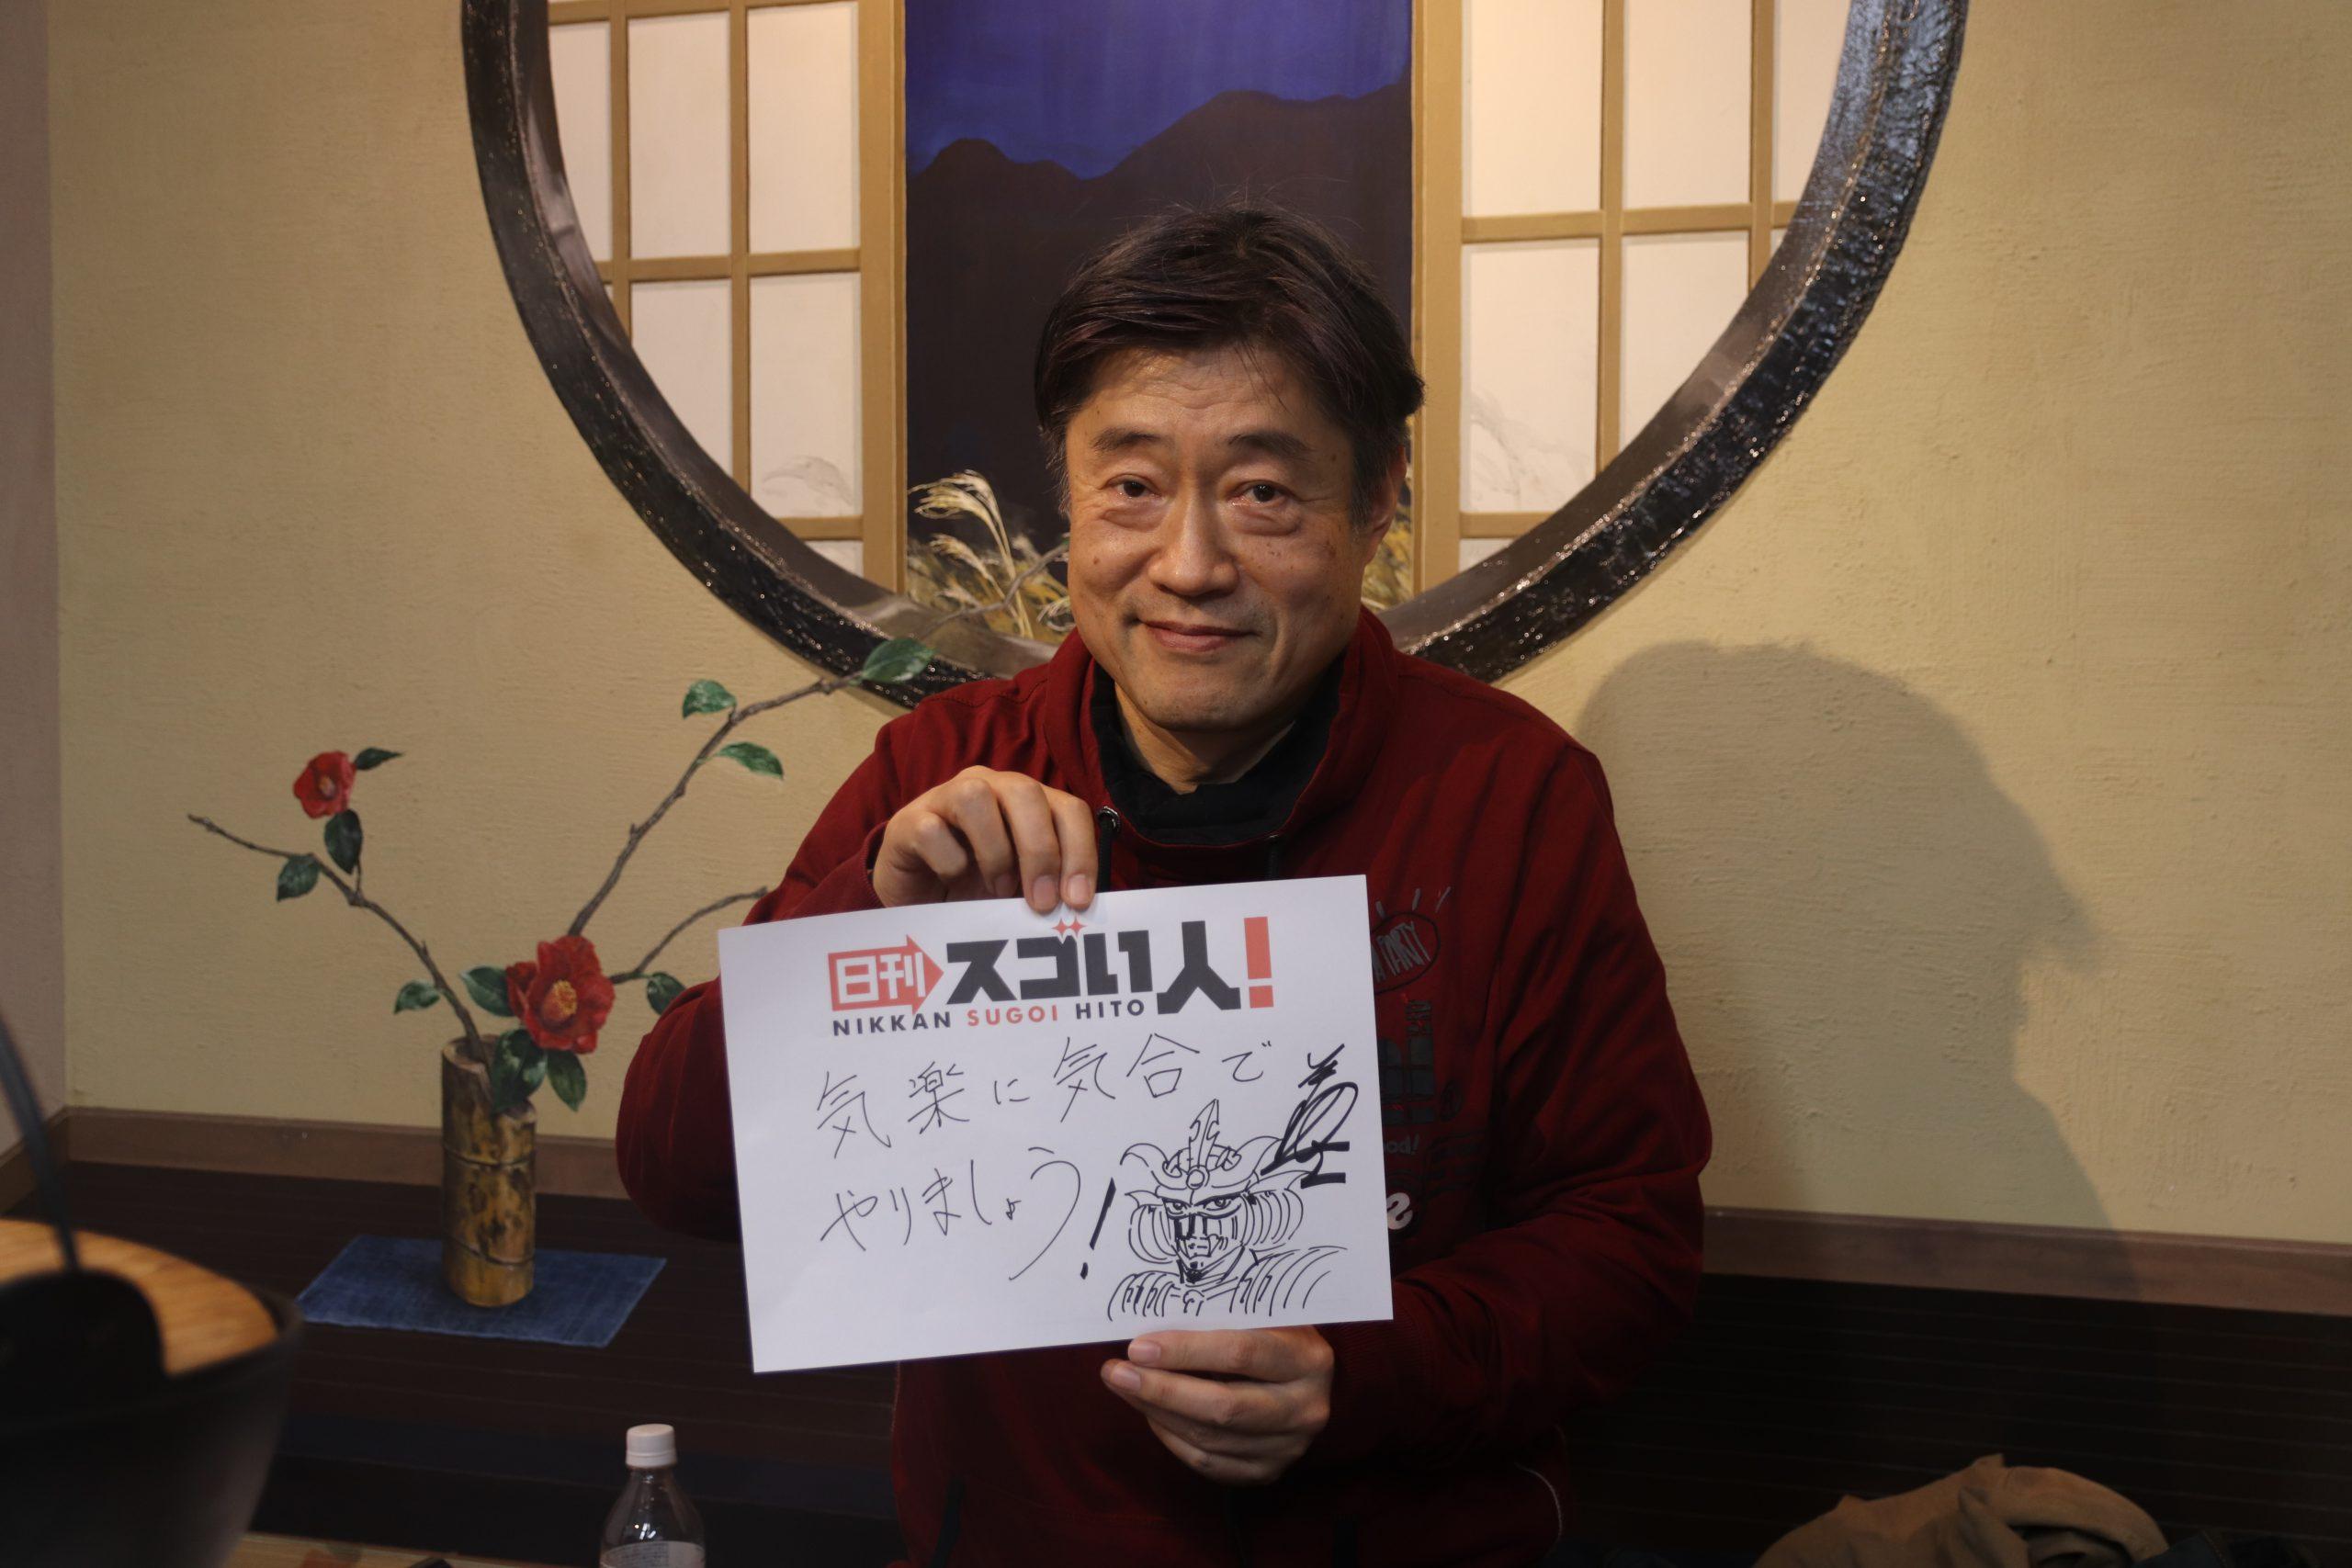 (日本語) 異色の作風でジャンプ黄金期作家陣に名を連ねたスゴい人!DAY2